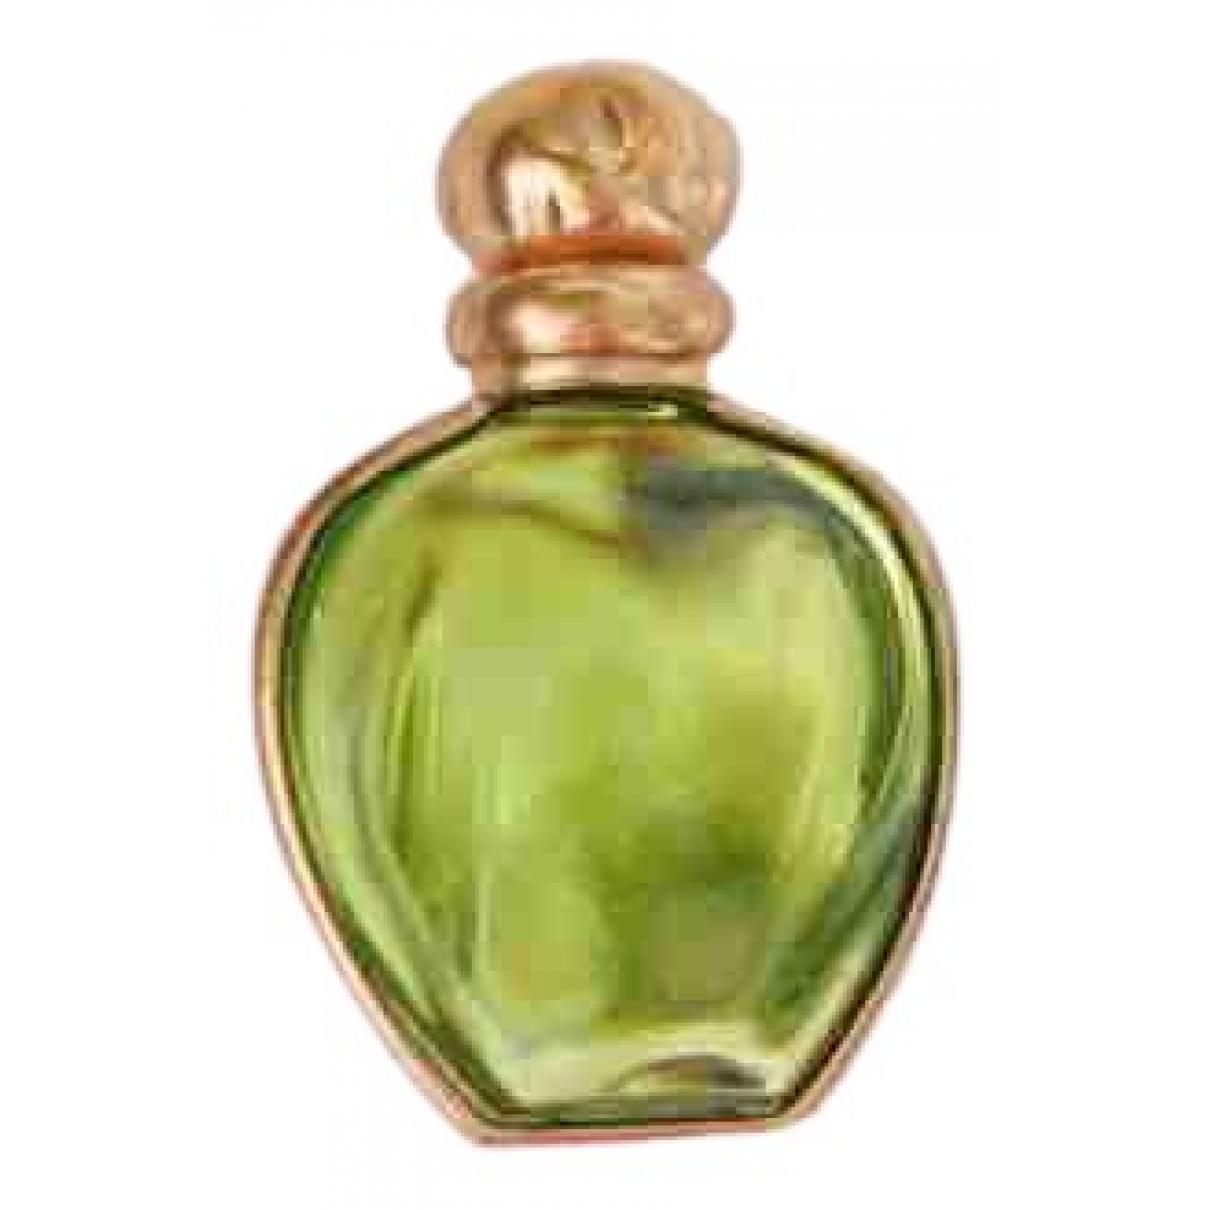 Dior \N Brosche in  Gruen Metall